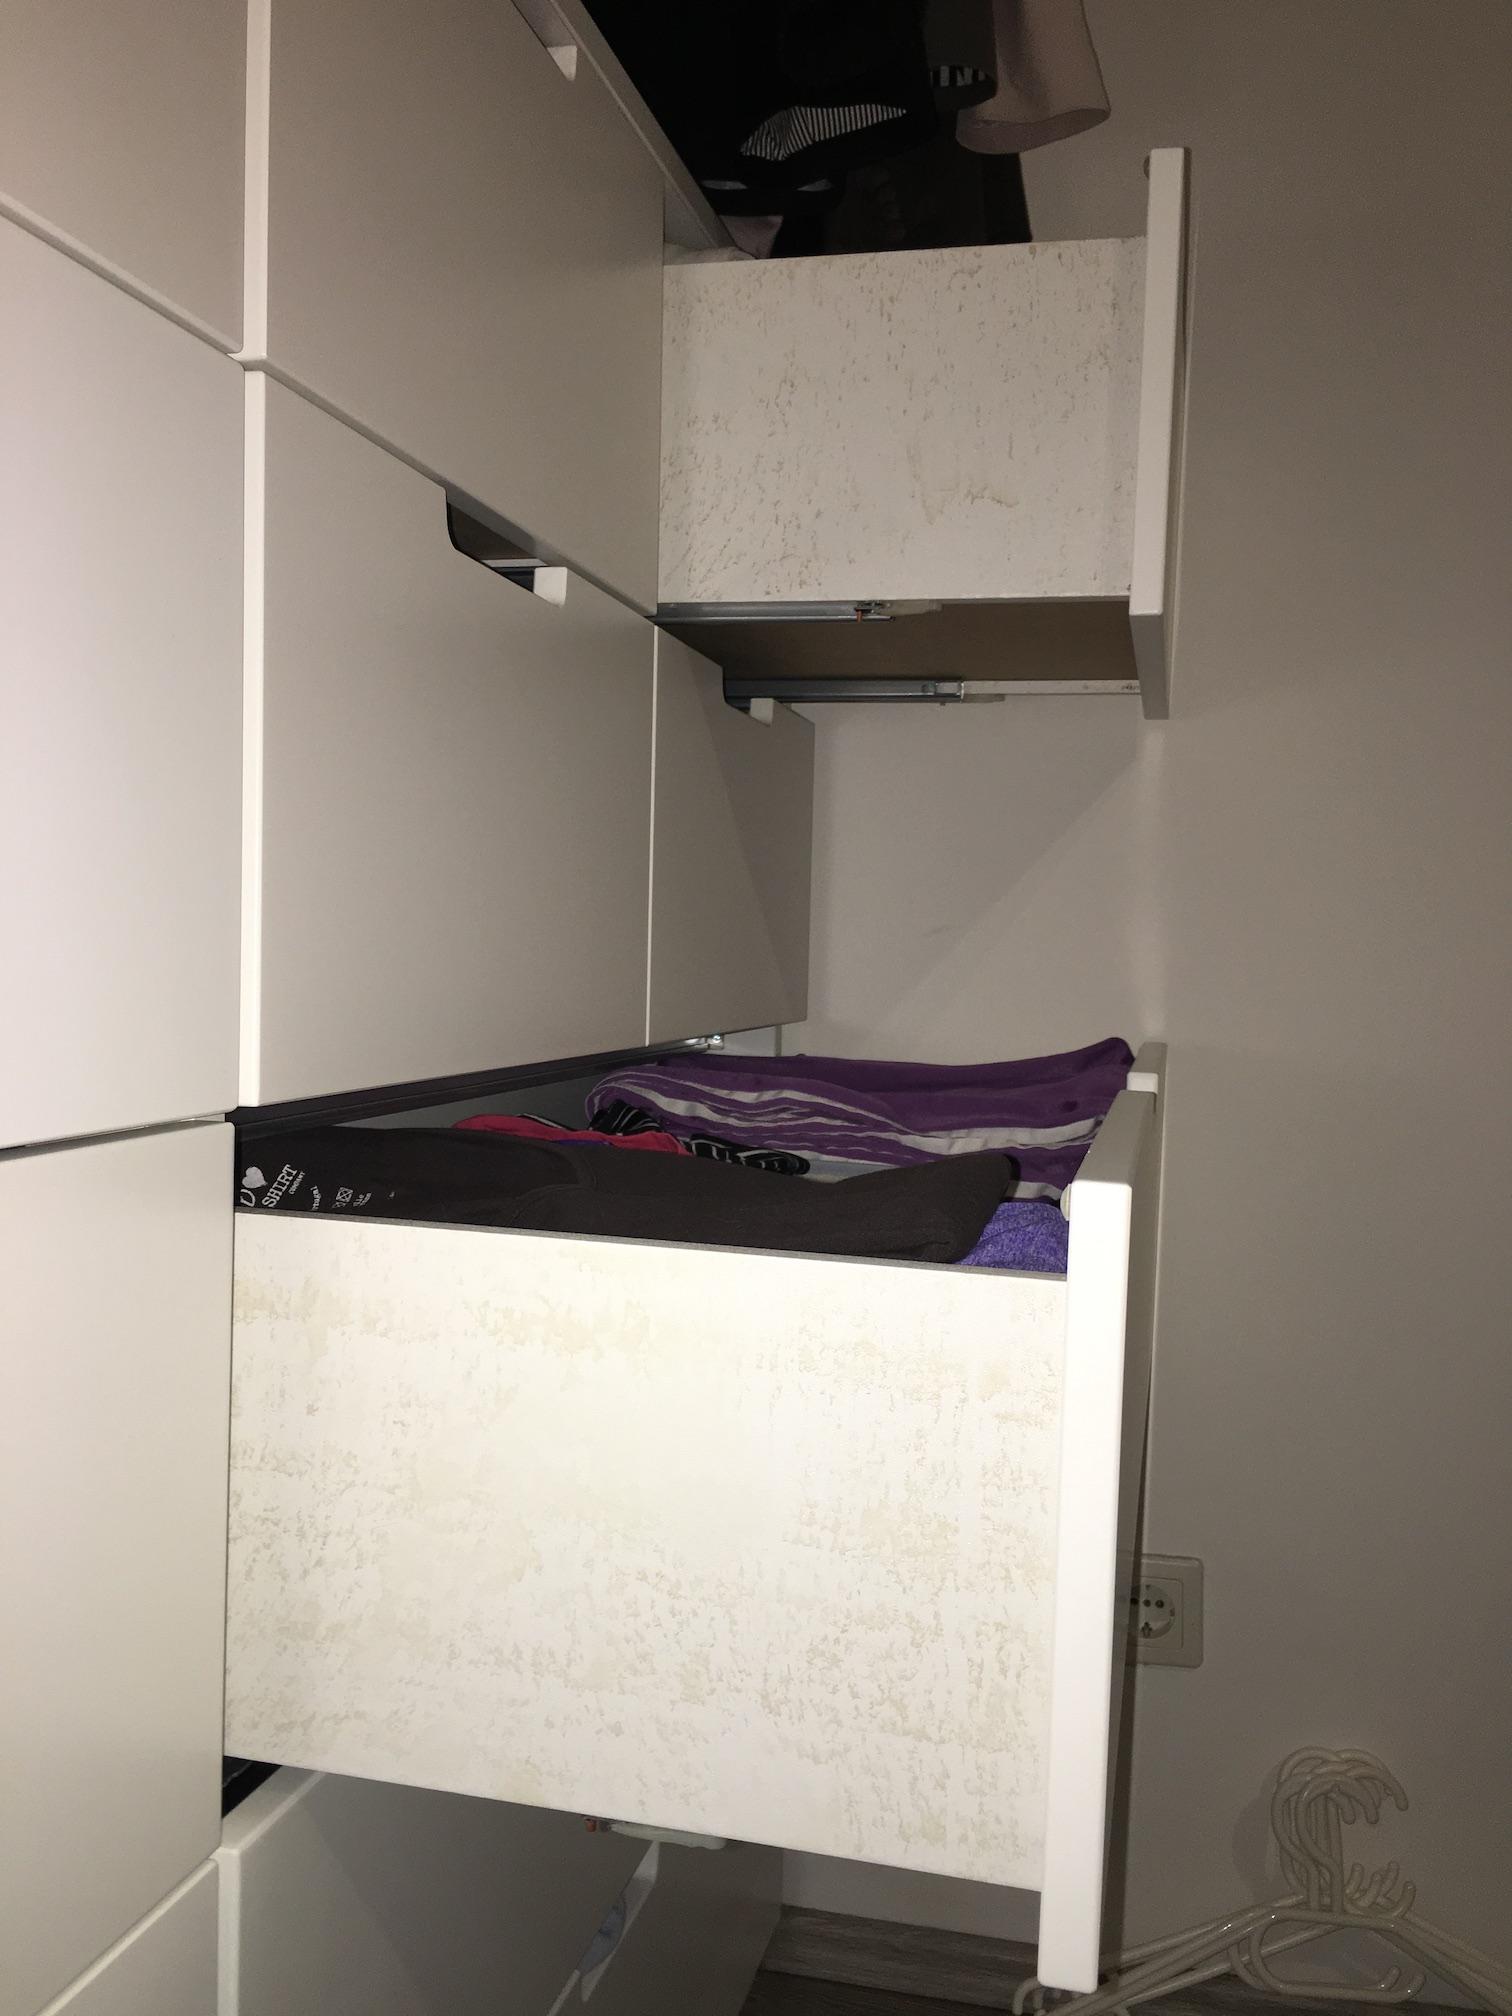 Flecken auf neuen Schränken nach ein paar Monaten? (Schimmel, IKEA ...